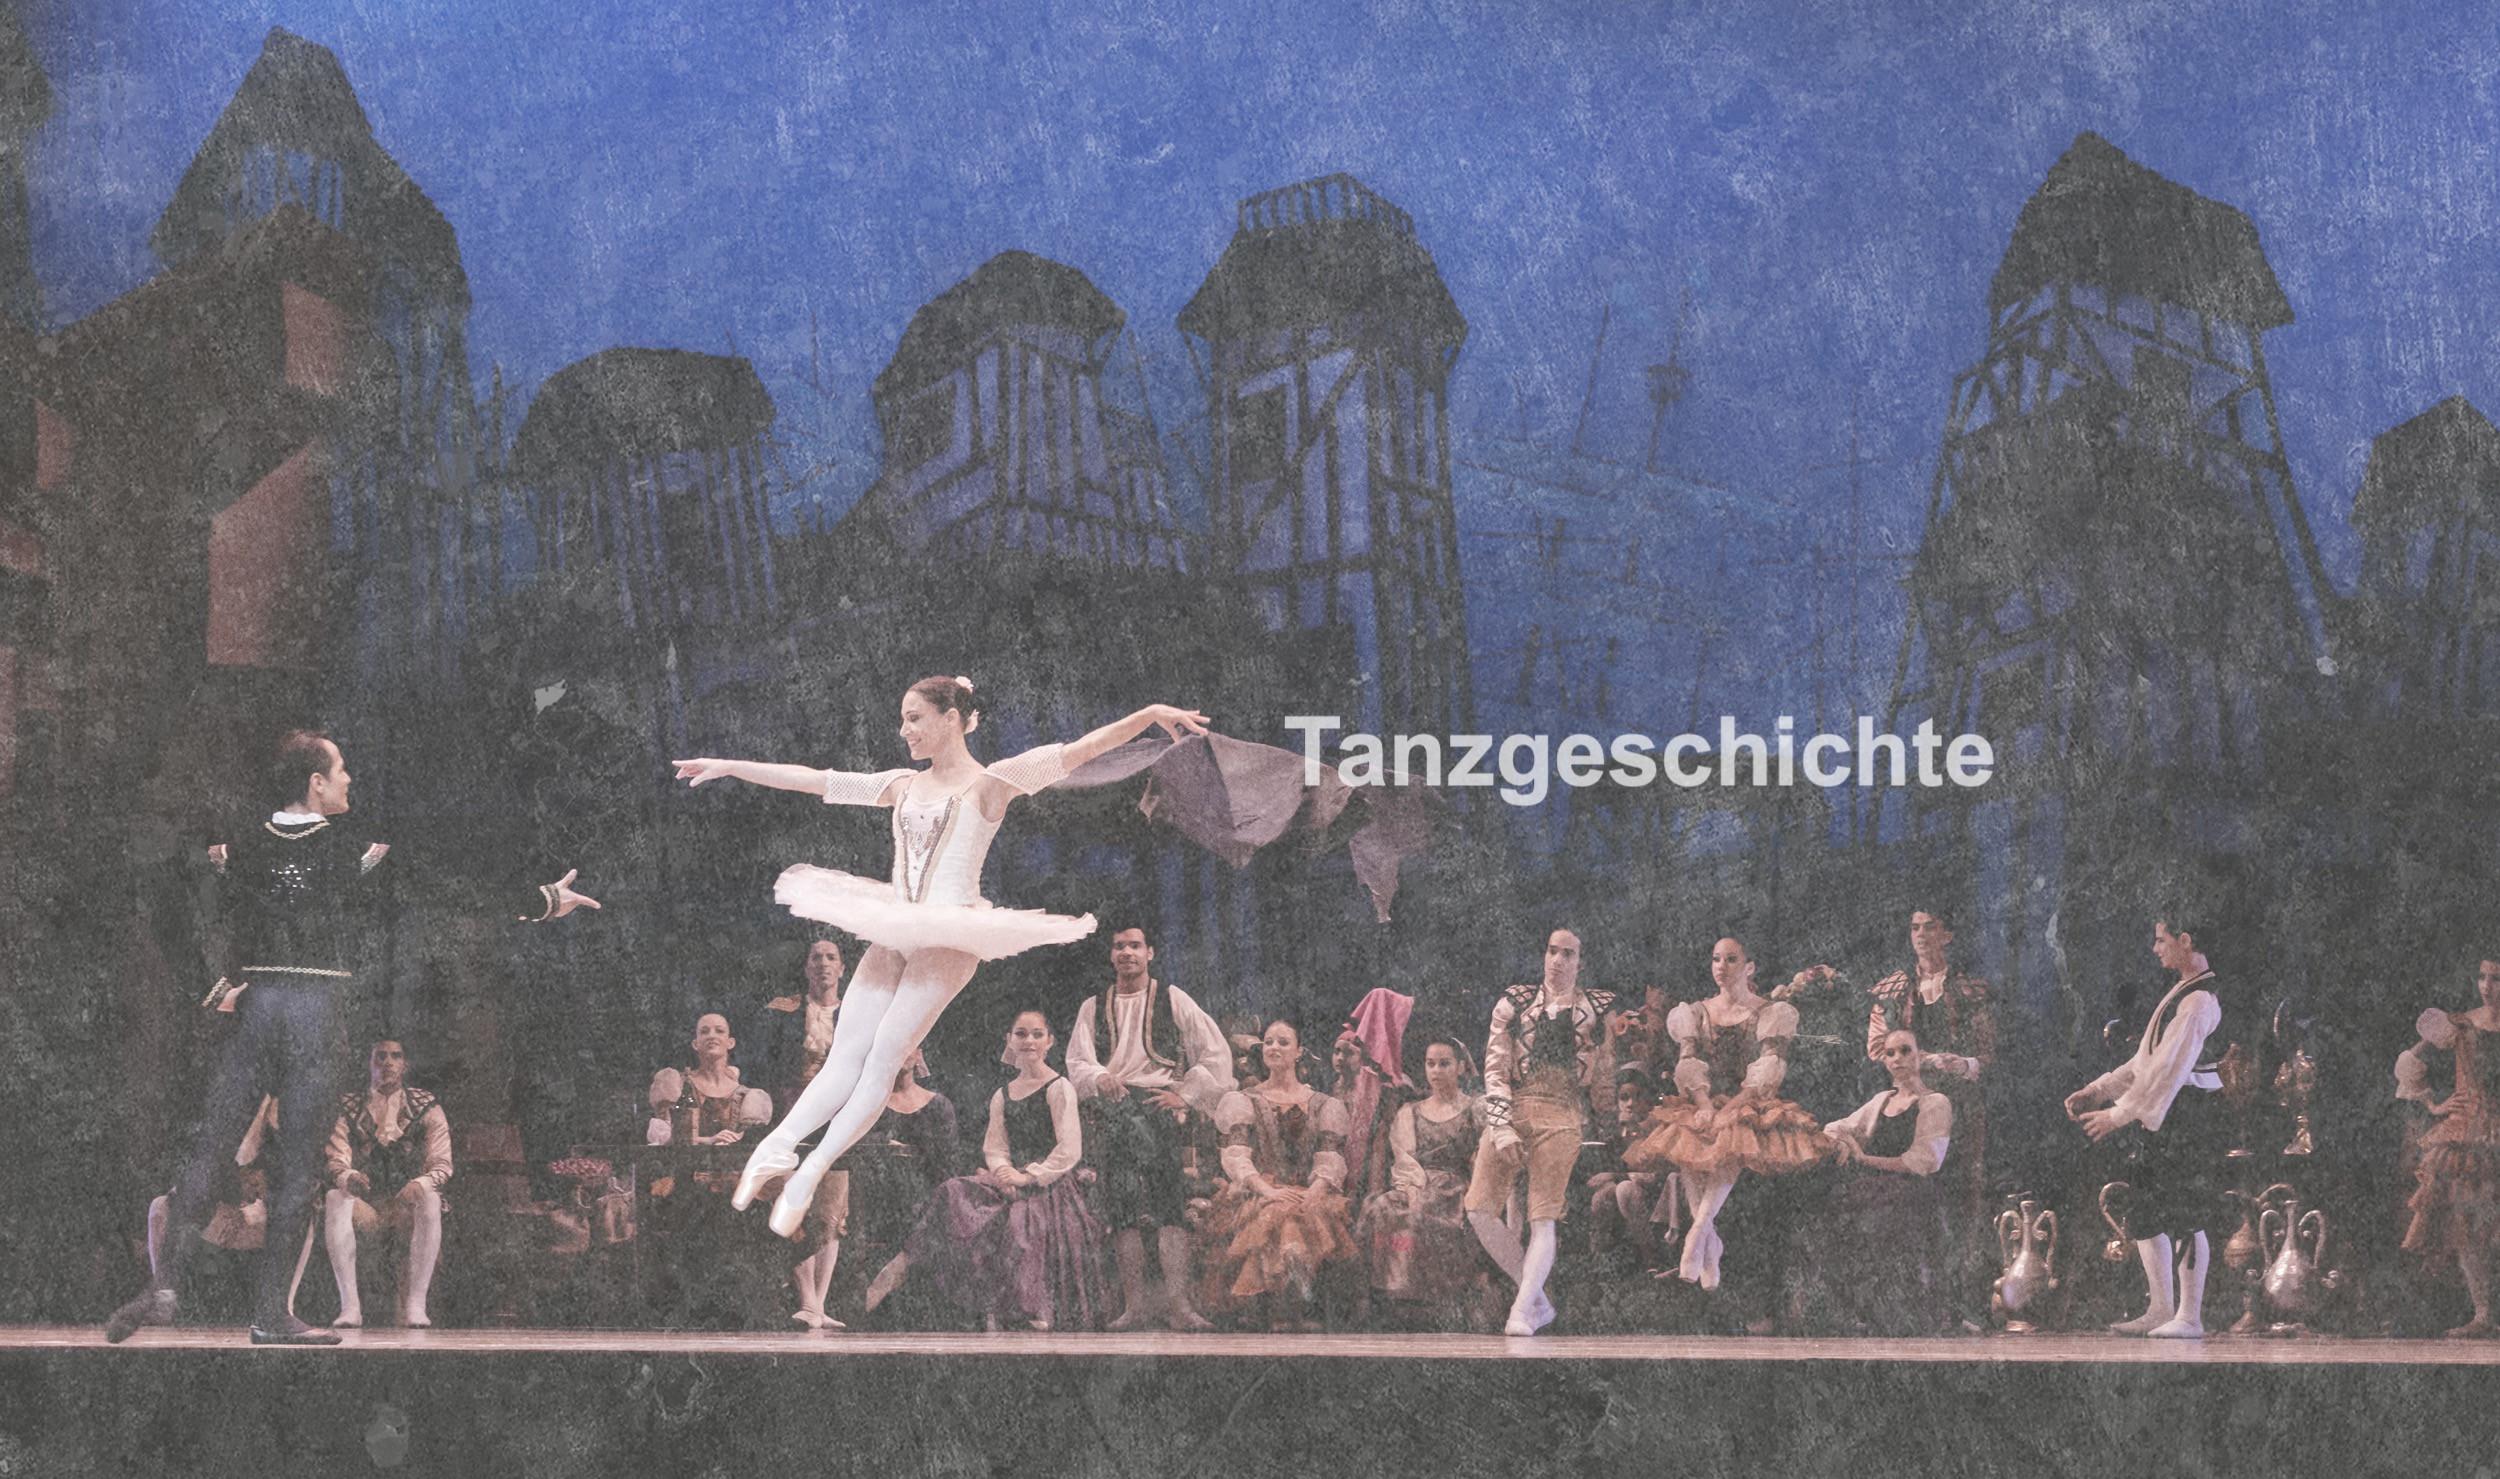 Tanzgeschichte mit Nadja